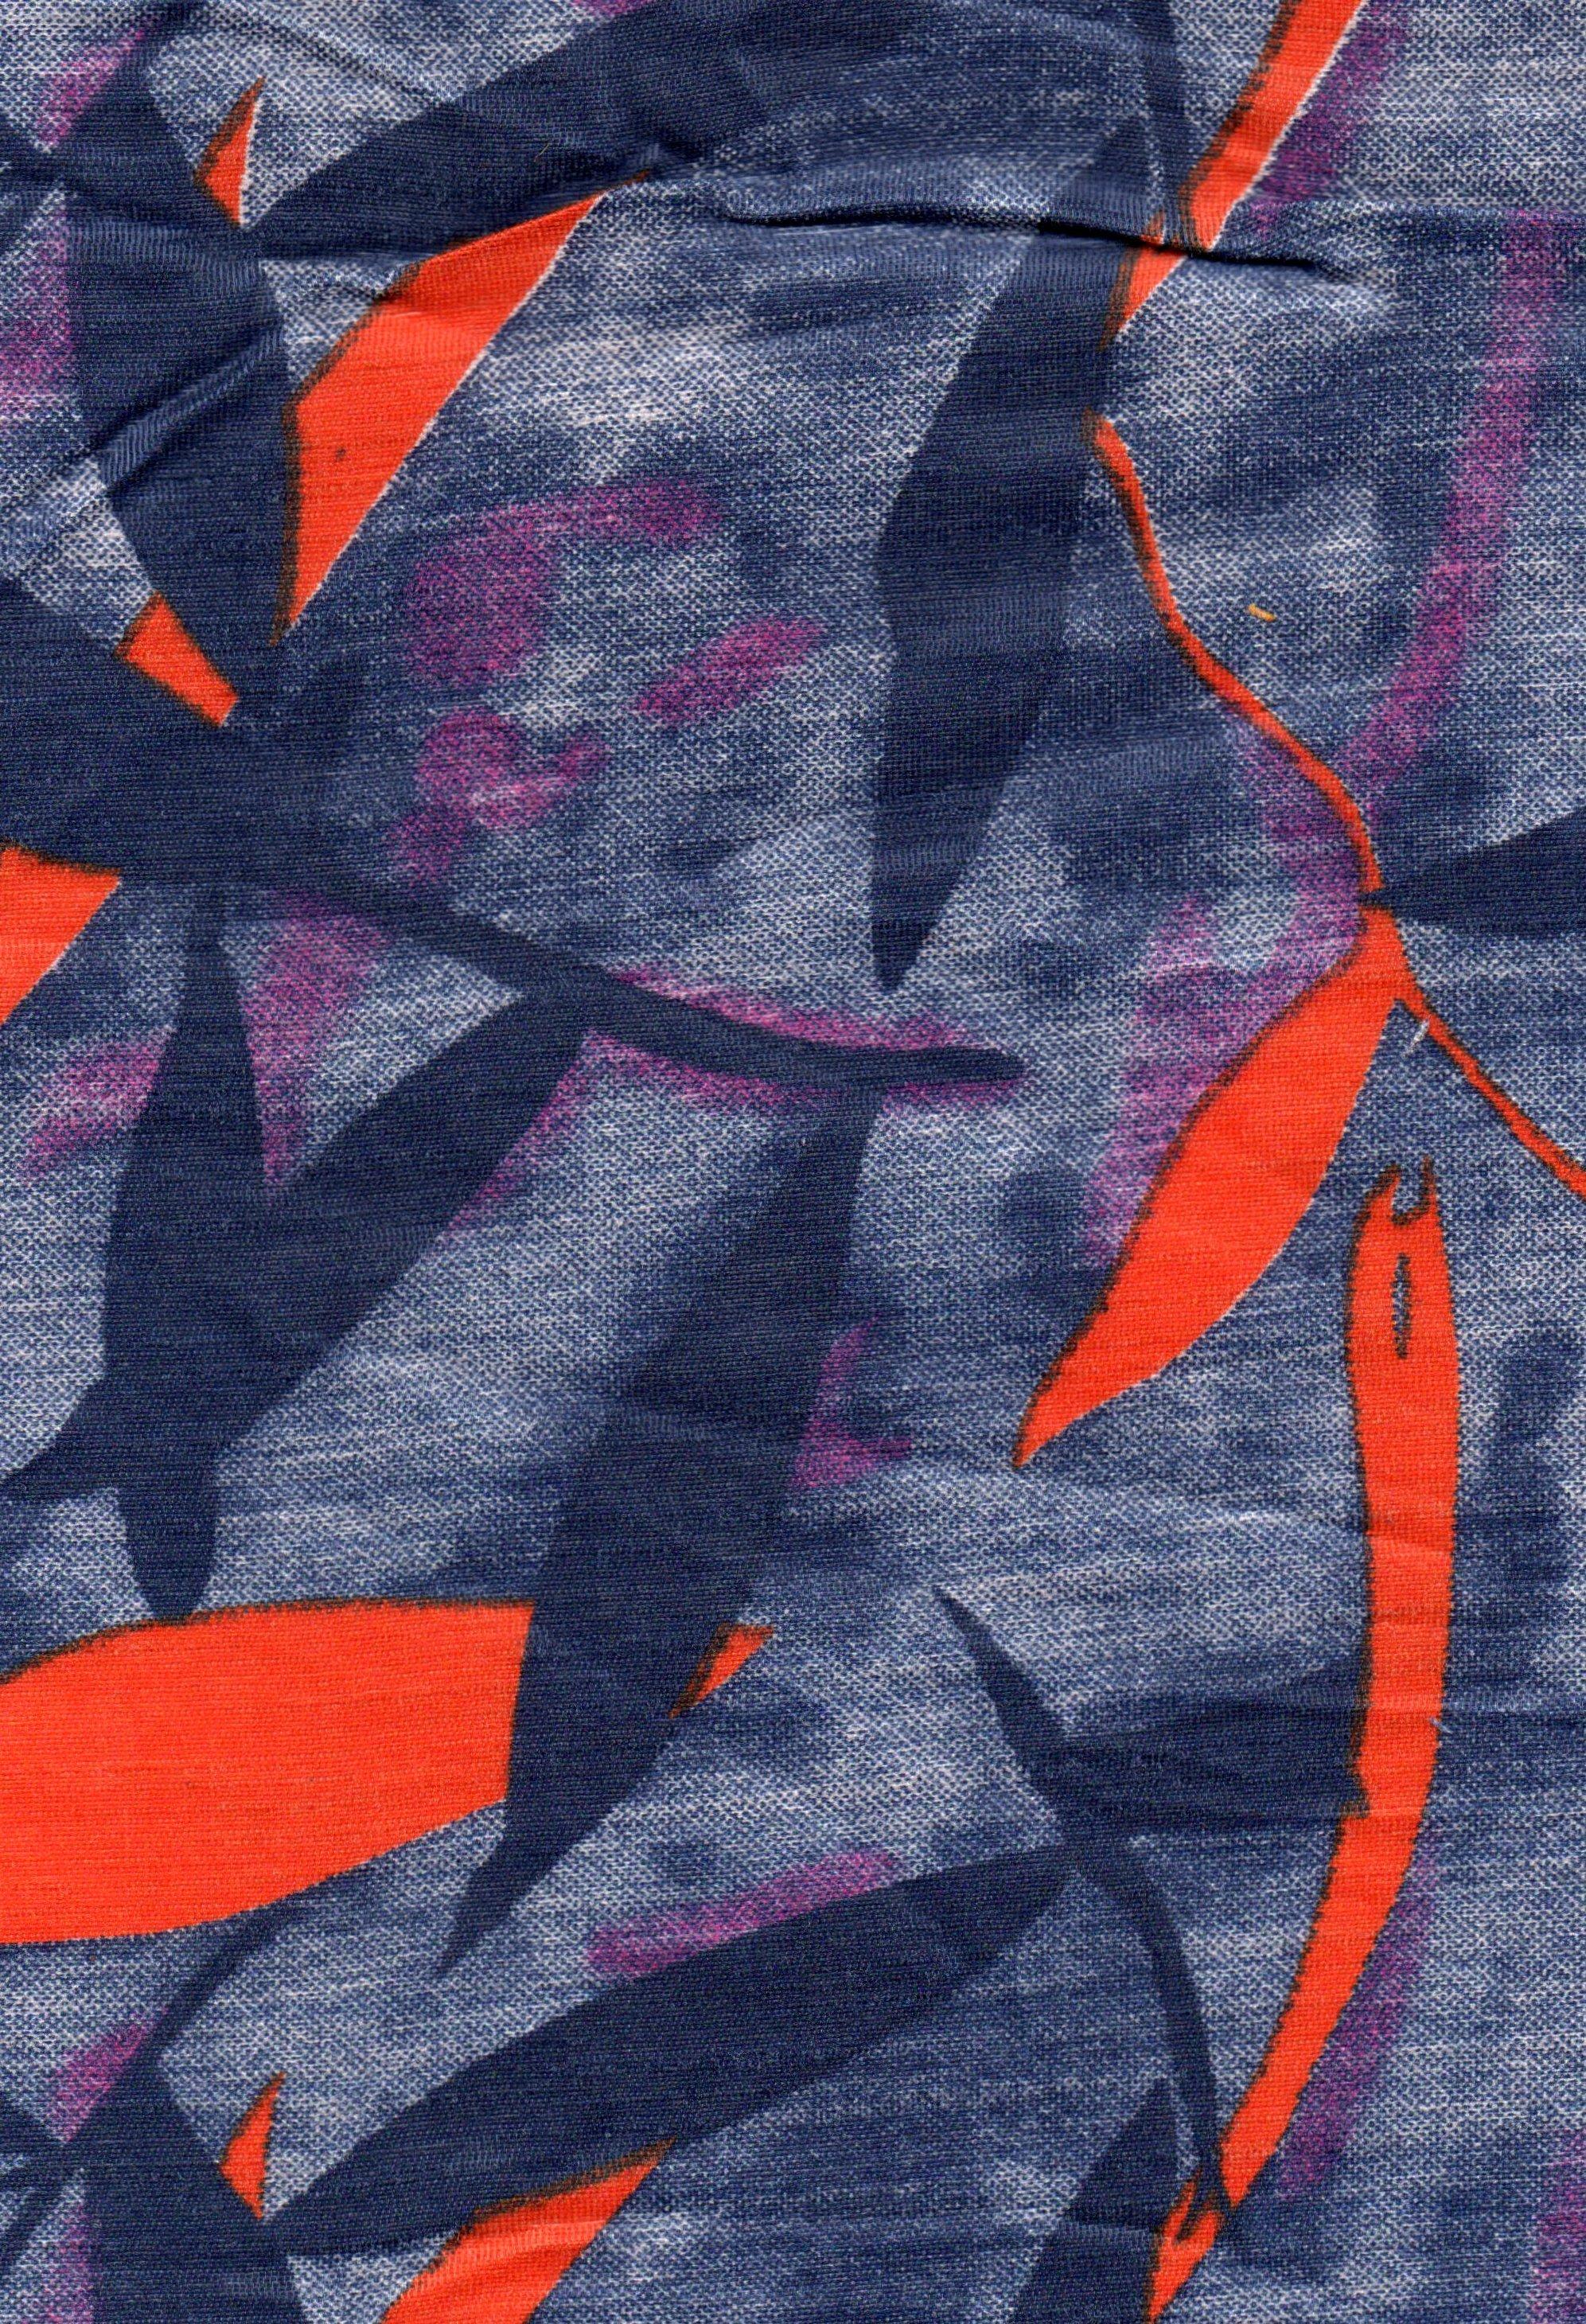 Banglori satin printed febric